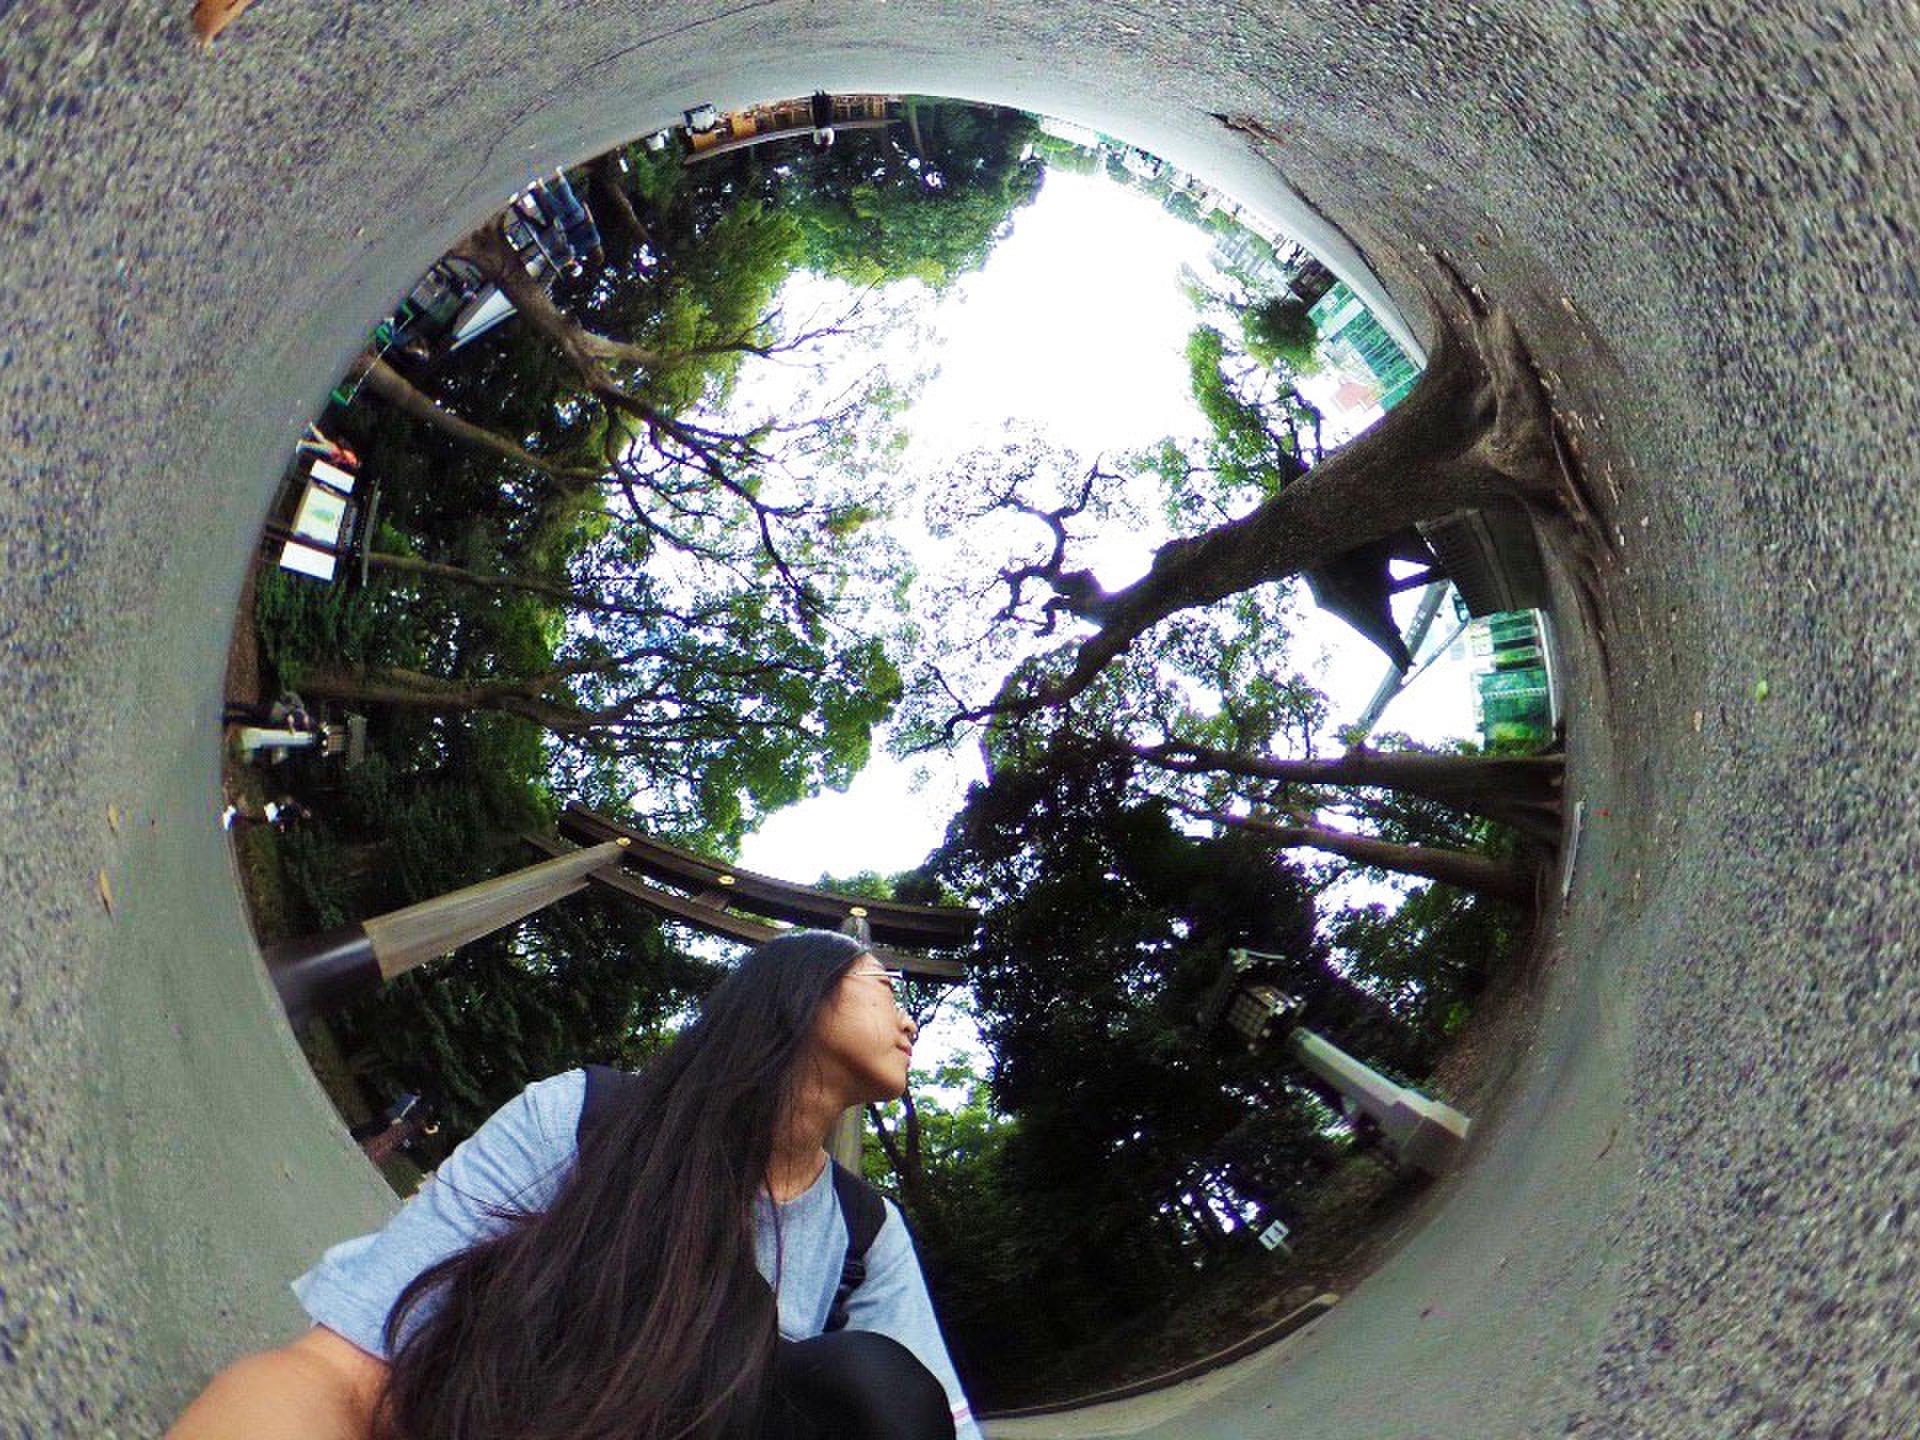 東京の歴史的観光地が今アツい!立ち寄りたくなる周辺のおすすめスポットもご紹介